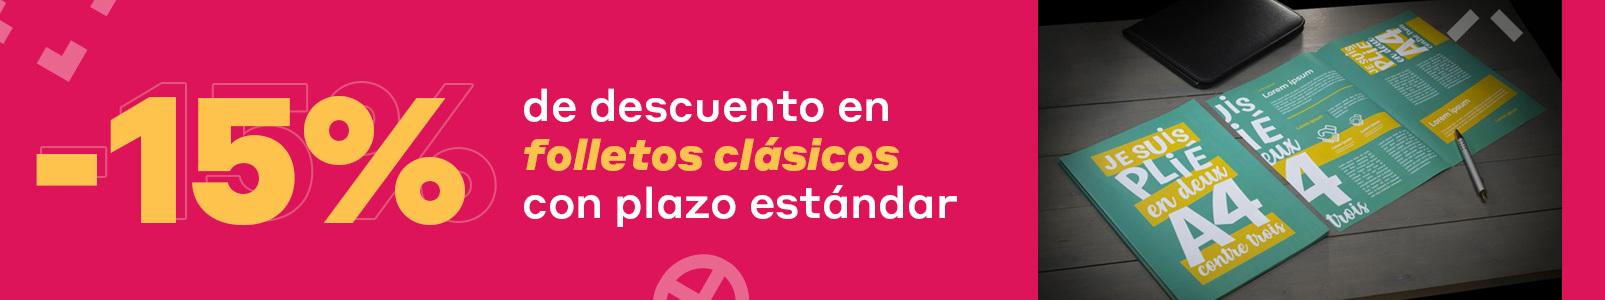 banner folletos clasicos -15% sept